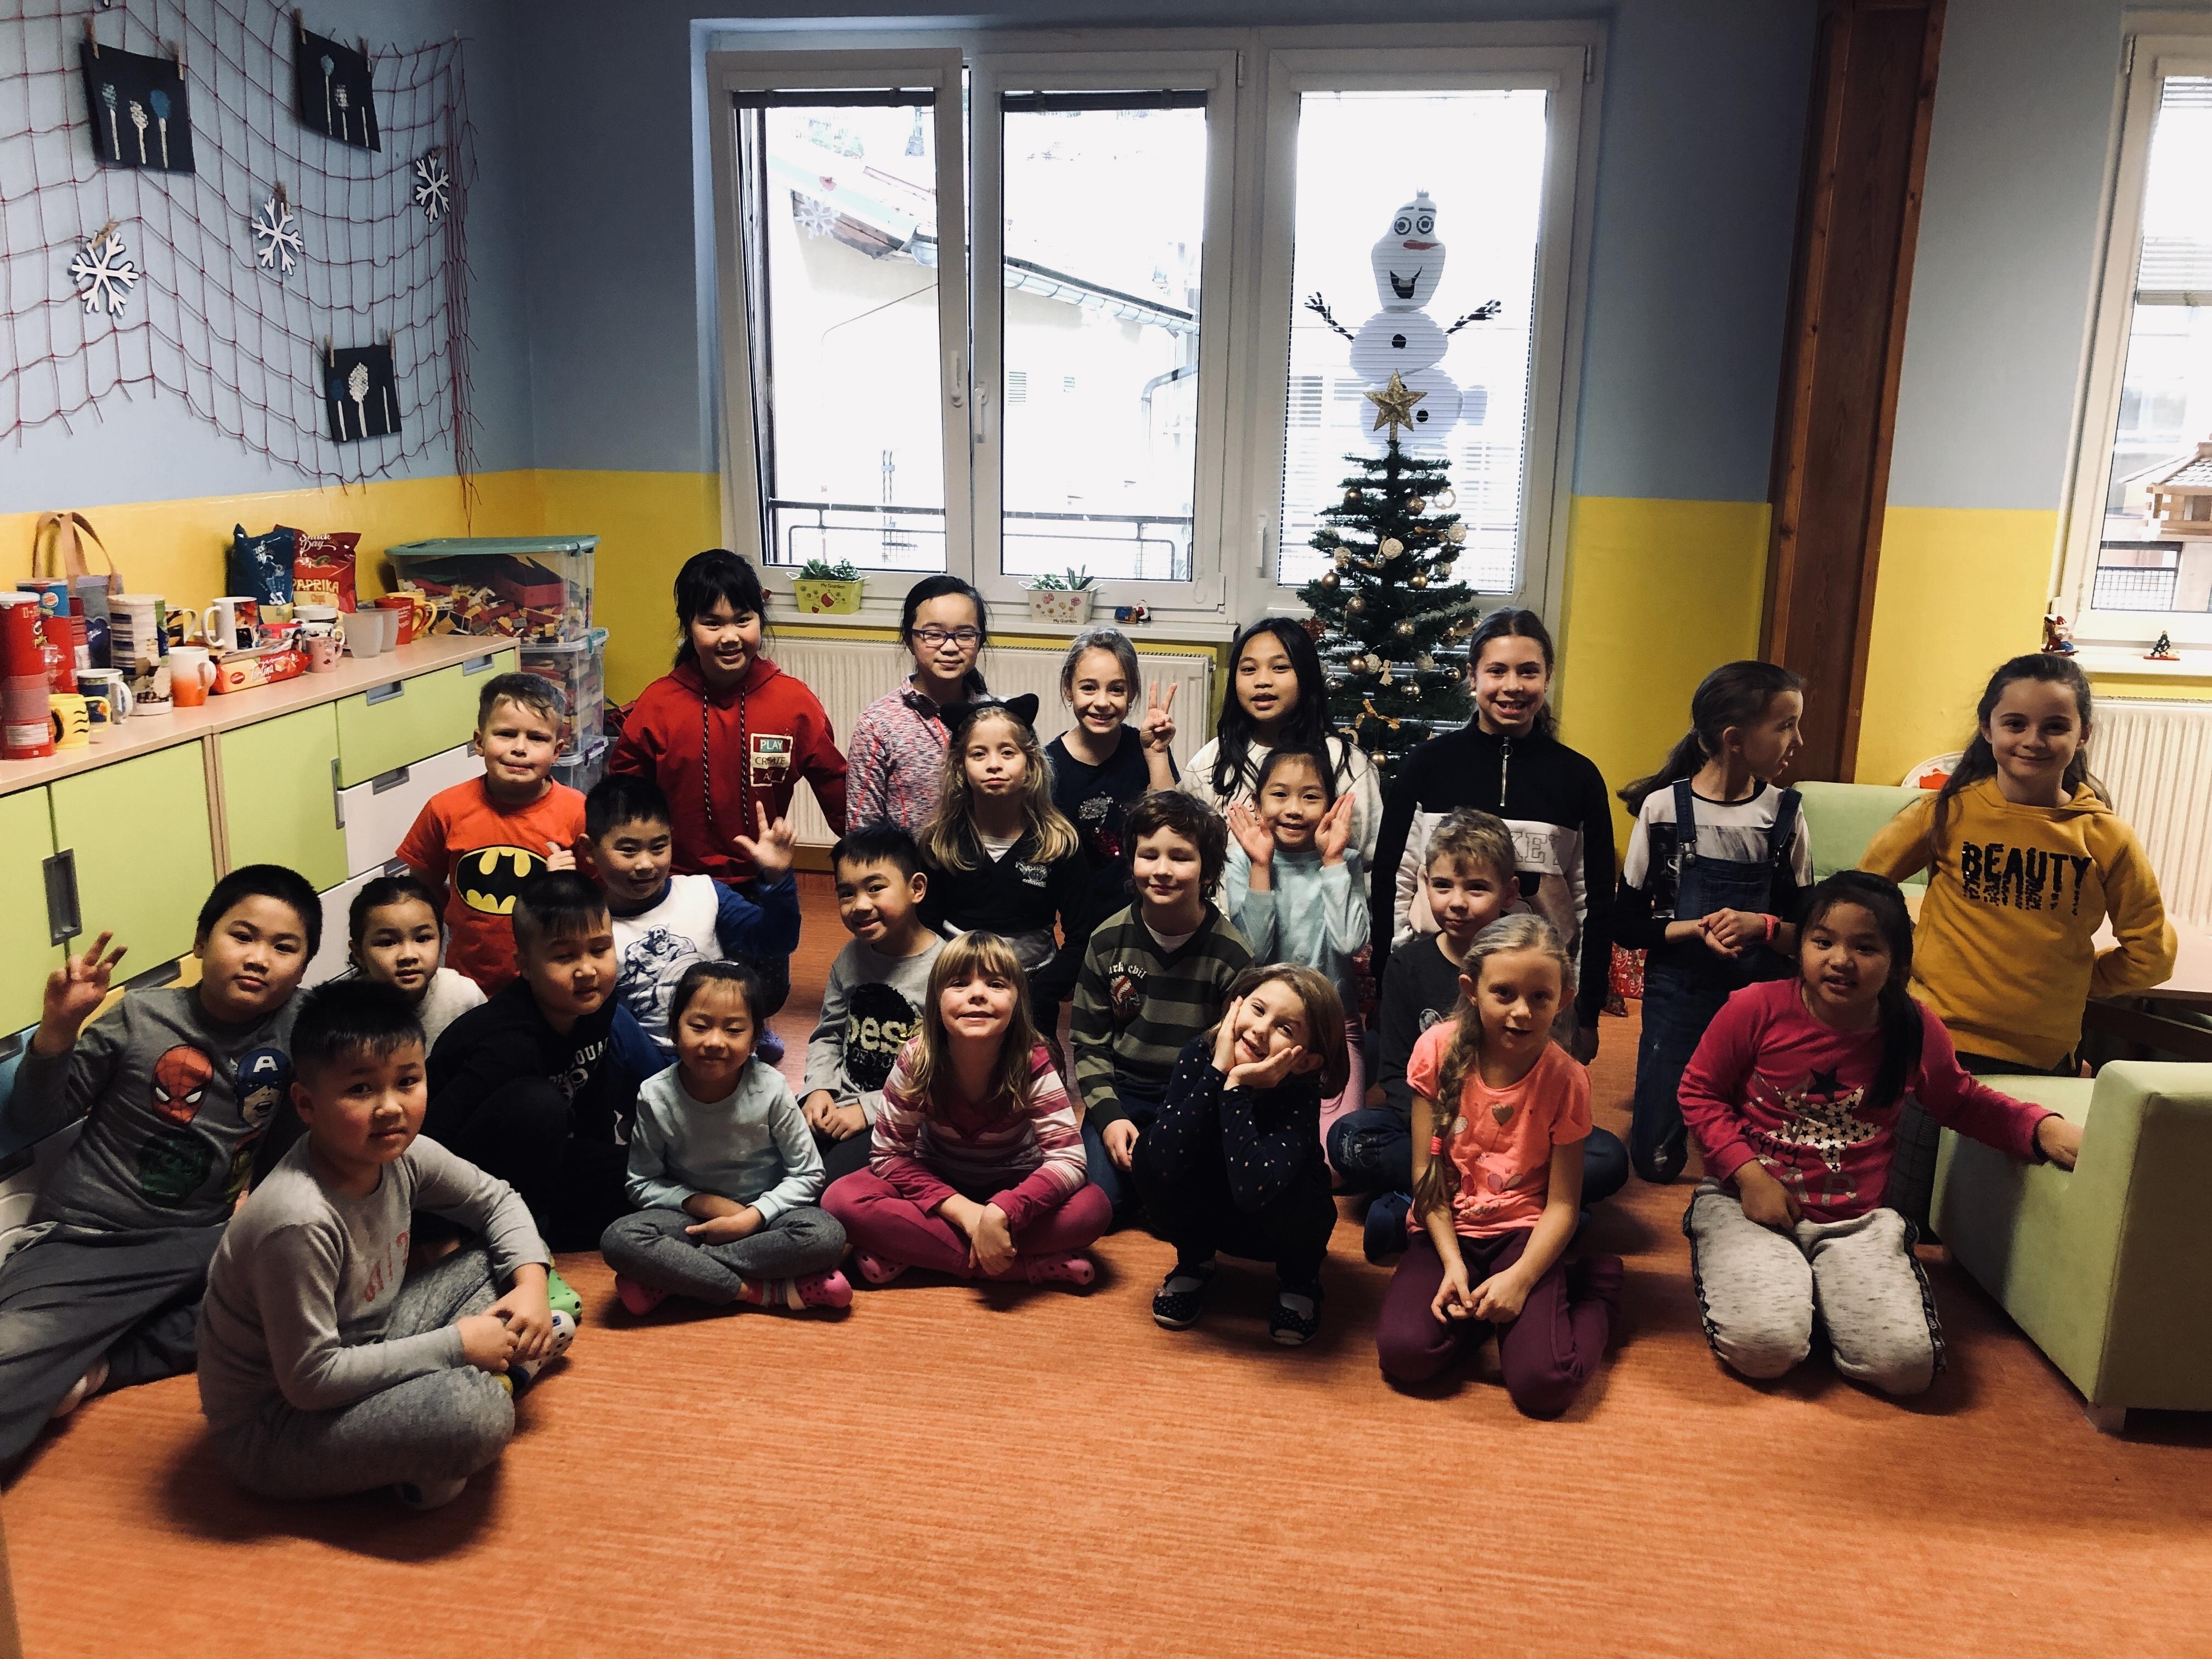 Vánoce ve školní družině 2019